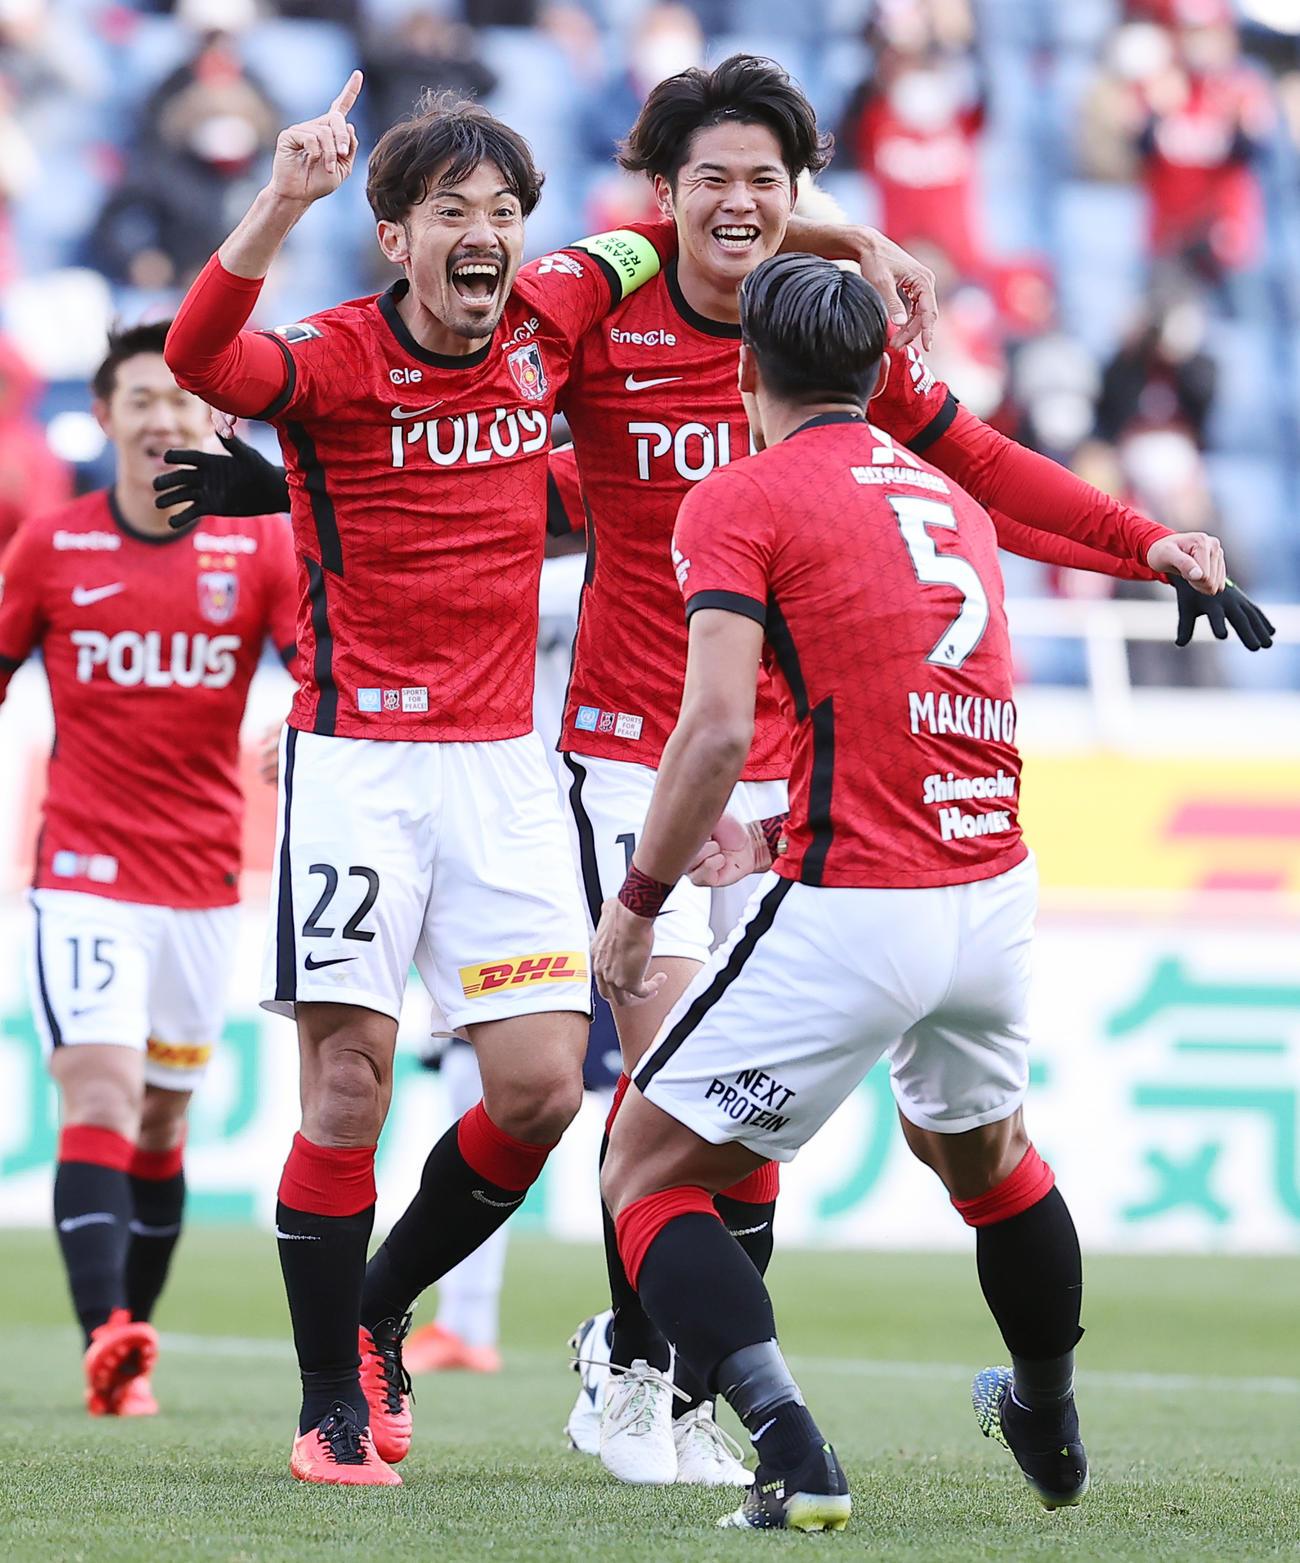 東京戦後半、先制ゴールを決め雄たけびを上げて喜ぶ浦和MF阿部(左)(2021年2月27日撮影)